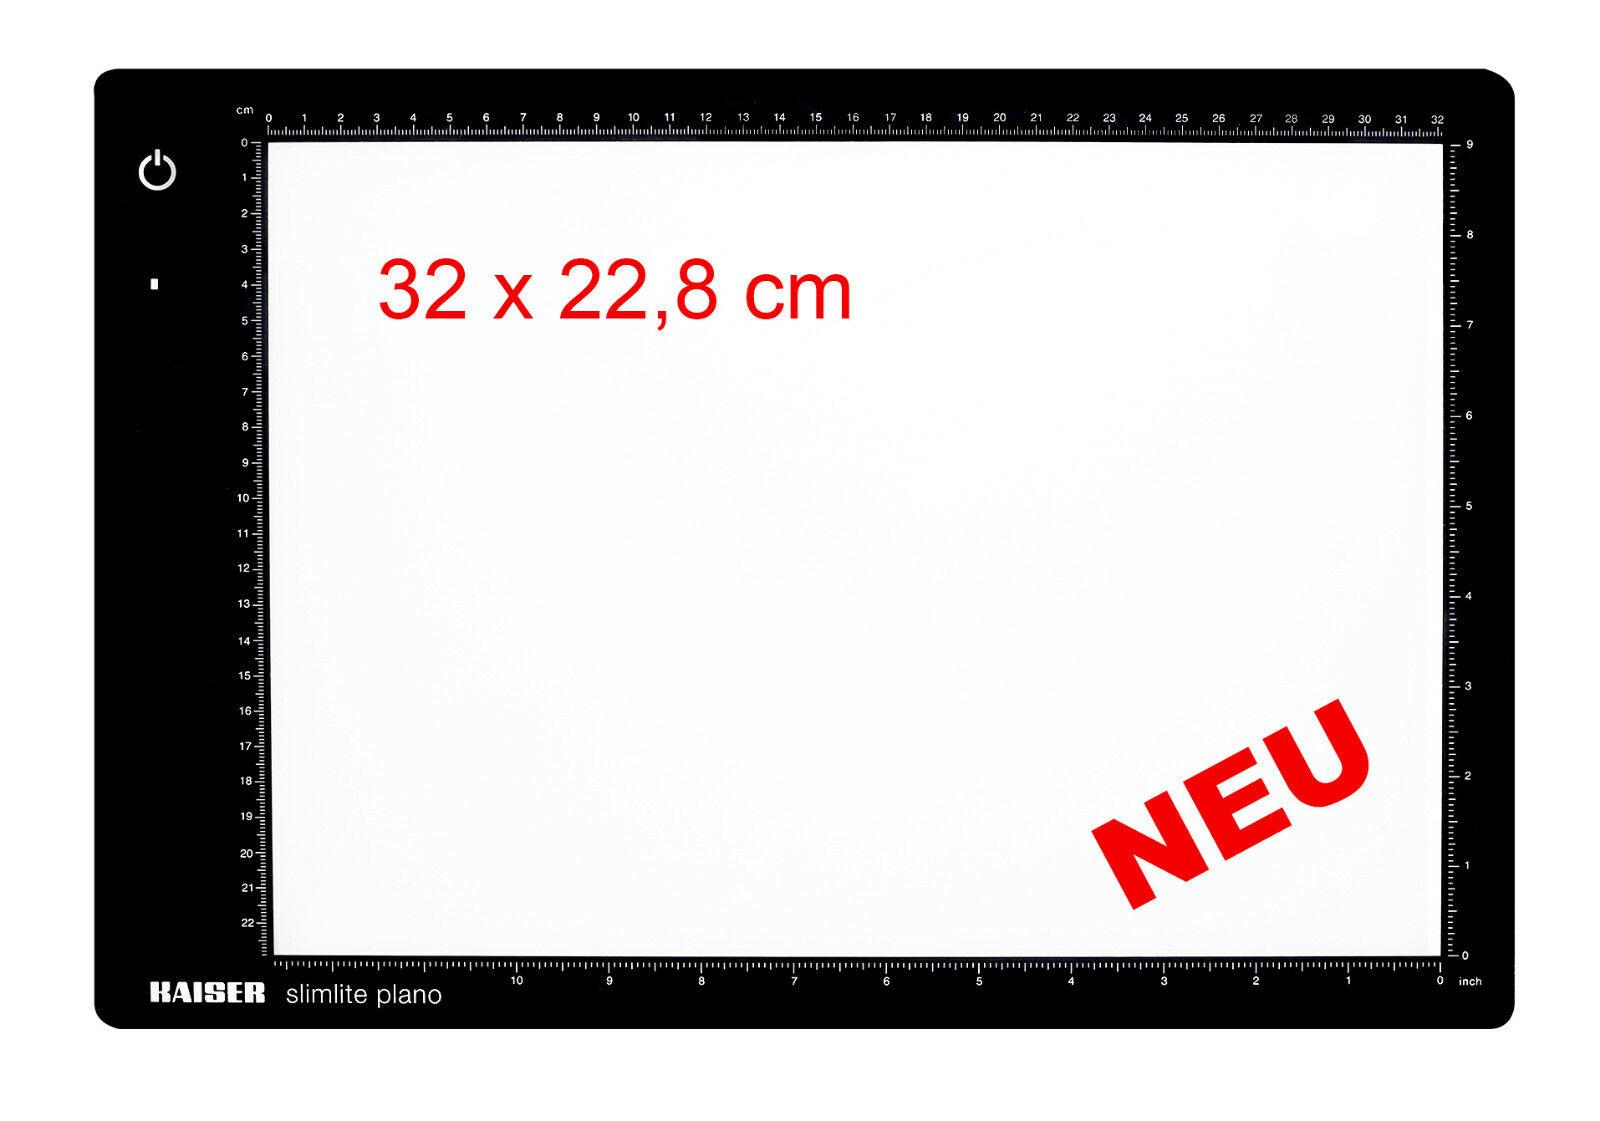 Kaiser Fototechnik LED-Leuchtplatte ''slimlite plano'', 32x22,8 cm, 5000 K,